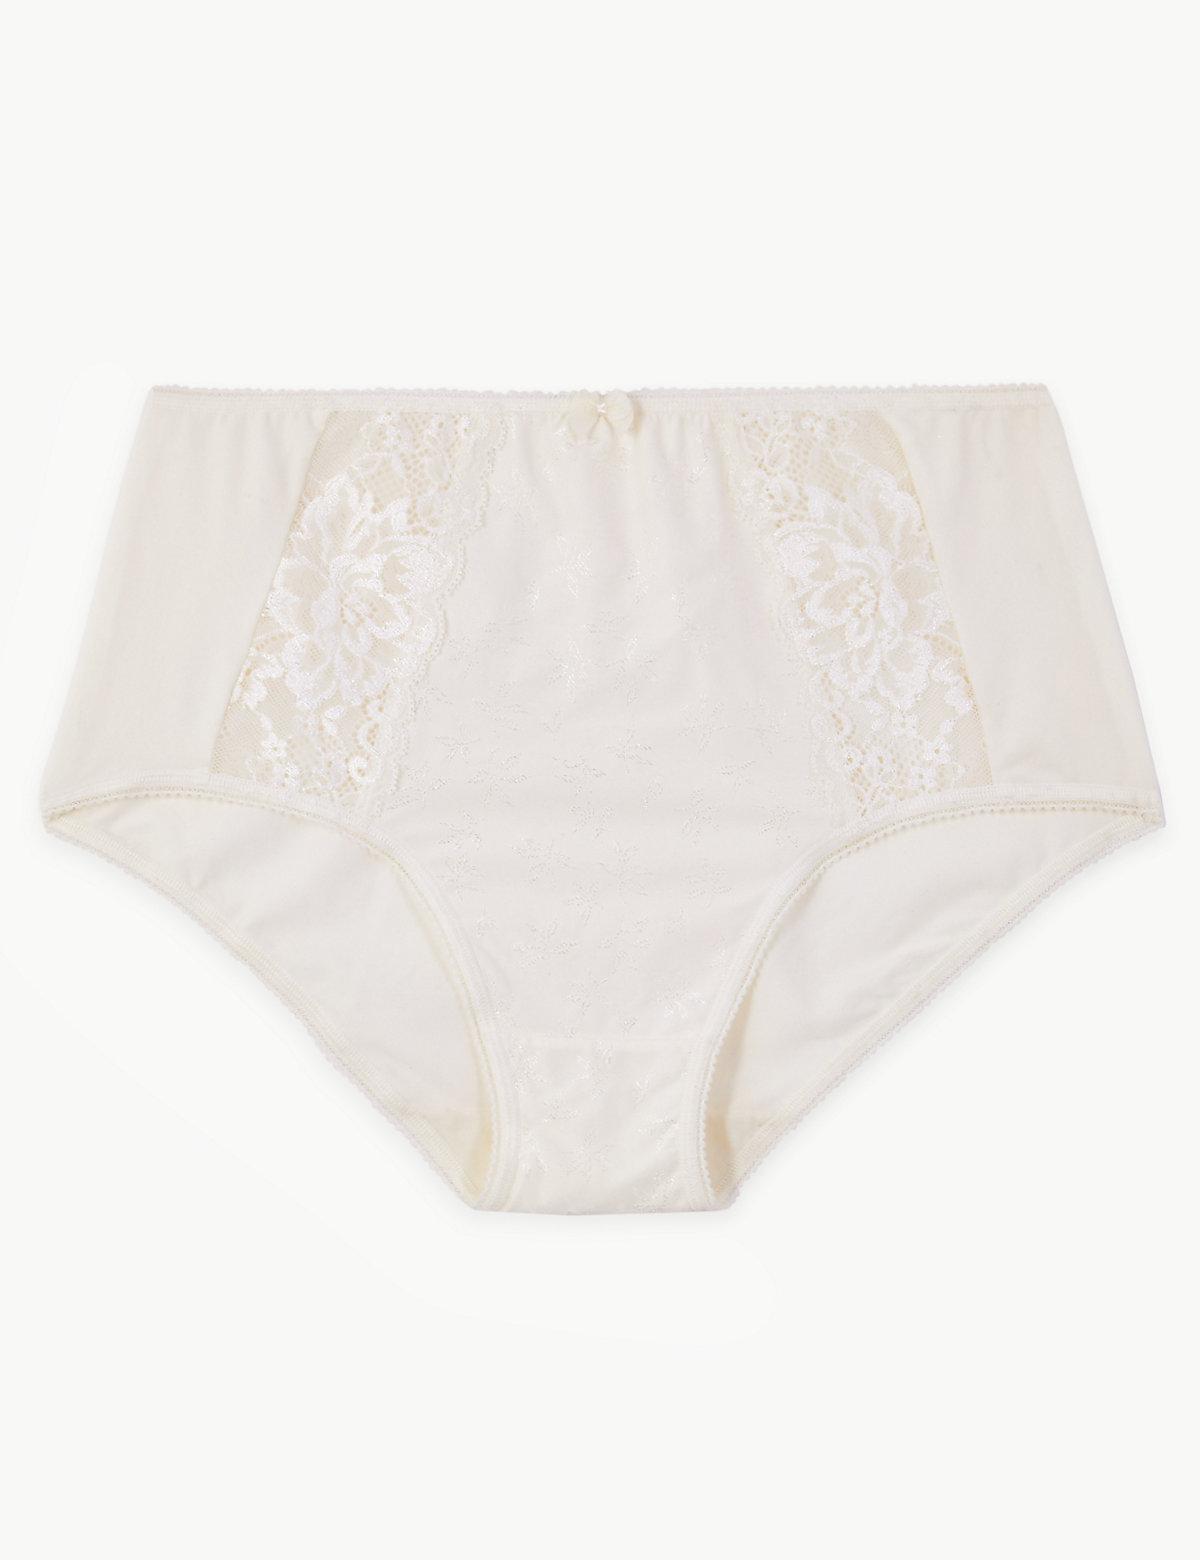 M/&s Lingerie Taille 26 la Un Confort Ultime Flexifit Bikini Briefs Knickers £ 6